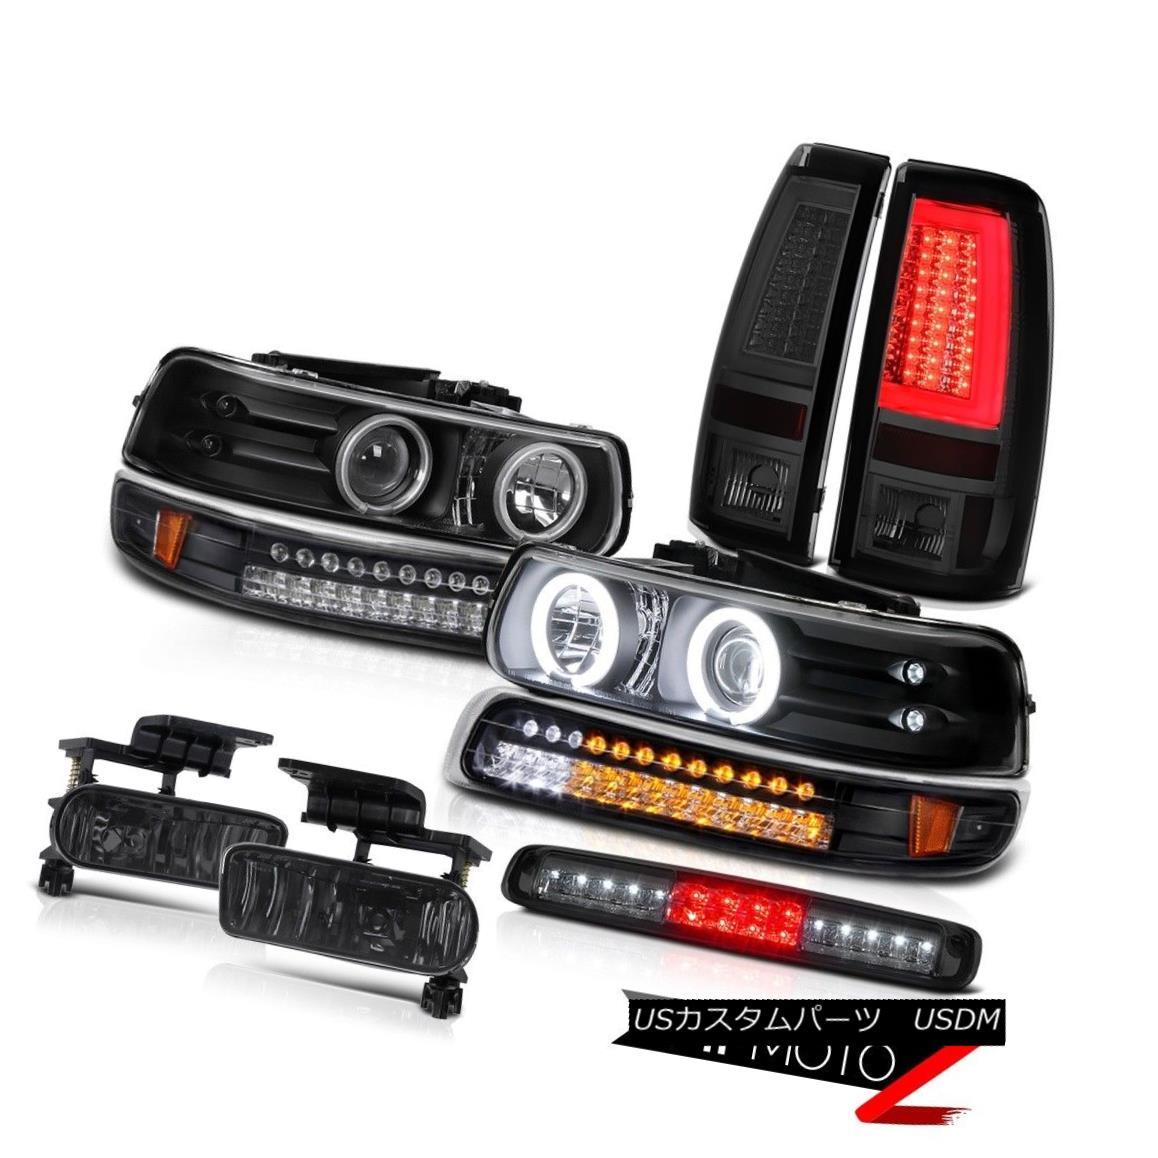 テールライト 1999-2002 Silverado 2500HD Taillights Roof Brake Light Foglamps Bumper Headlamps 1999-2002シルバラード2500HDテールライトルーフブレーキライトフォグランプバンパーヘッドランプ